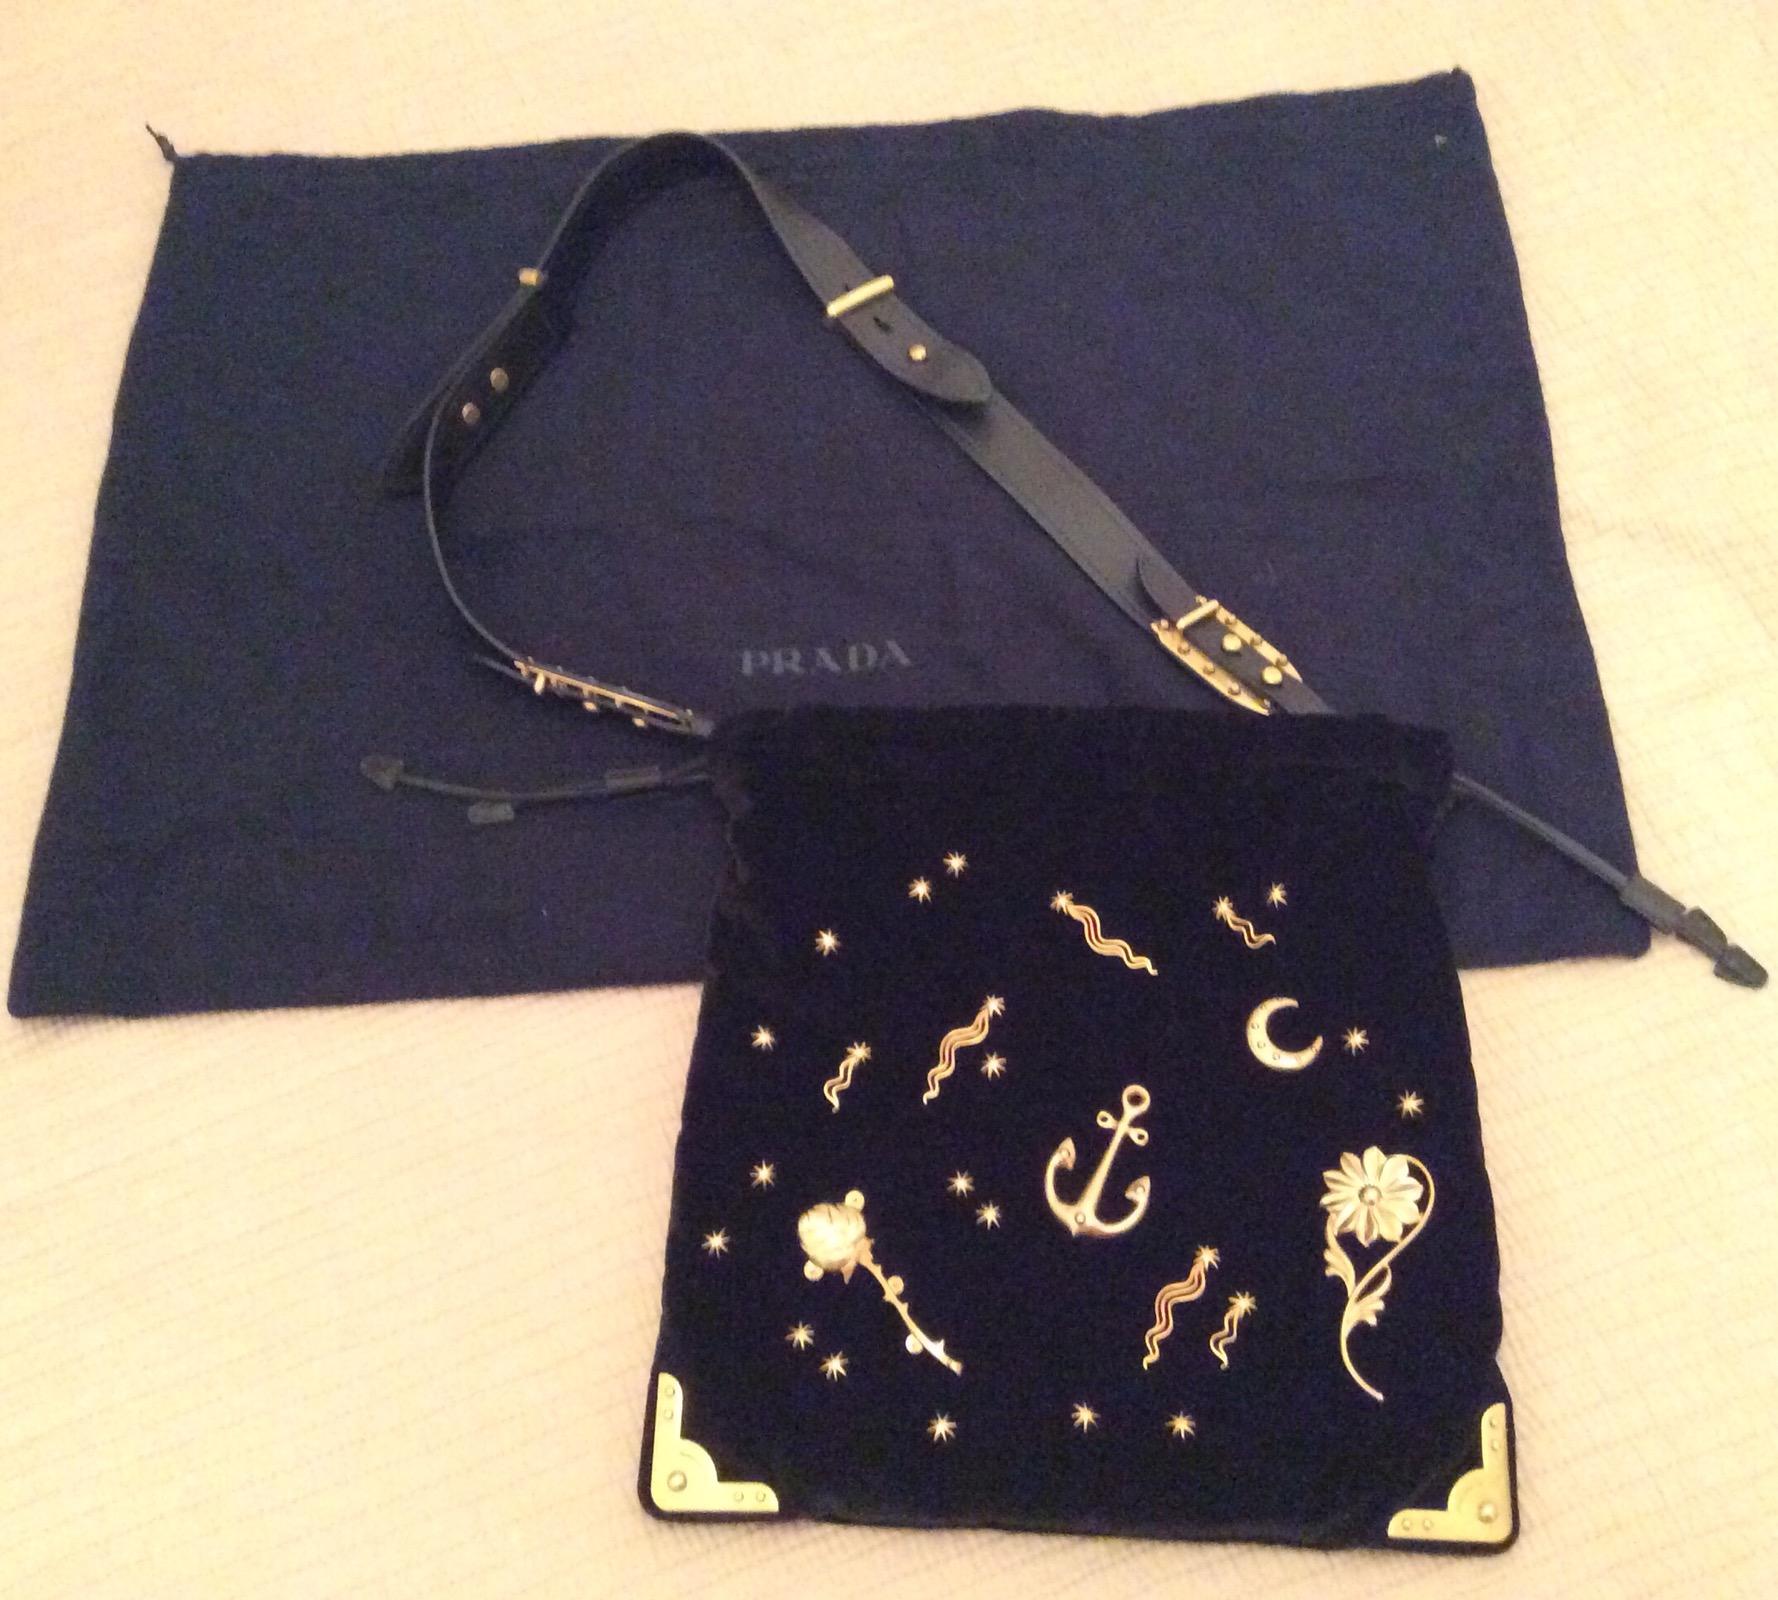 c8d660ad06b2 Prada Cahier Astrology Velvet Shoulder Bag, Black   Grailed